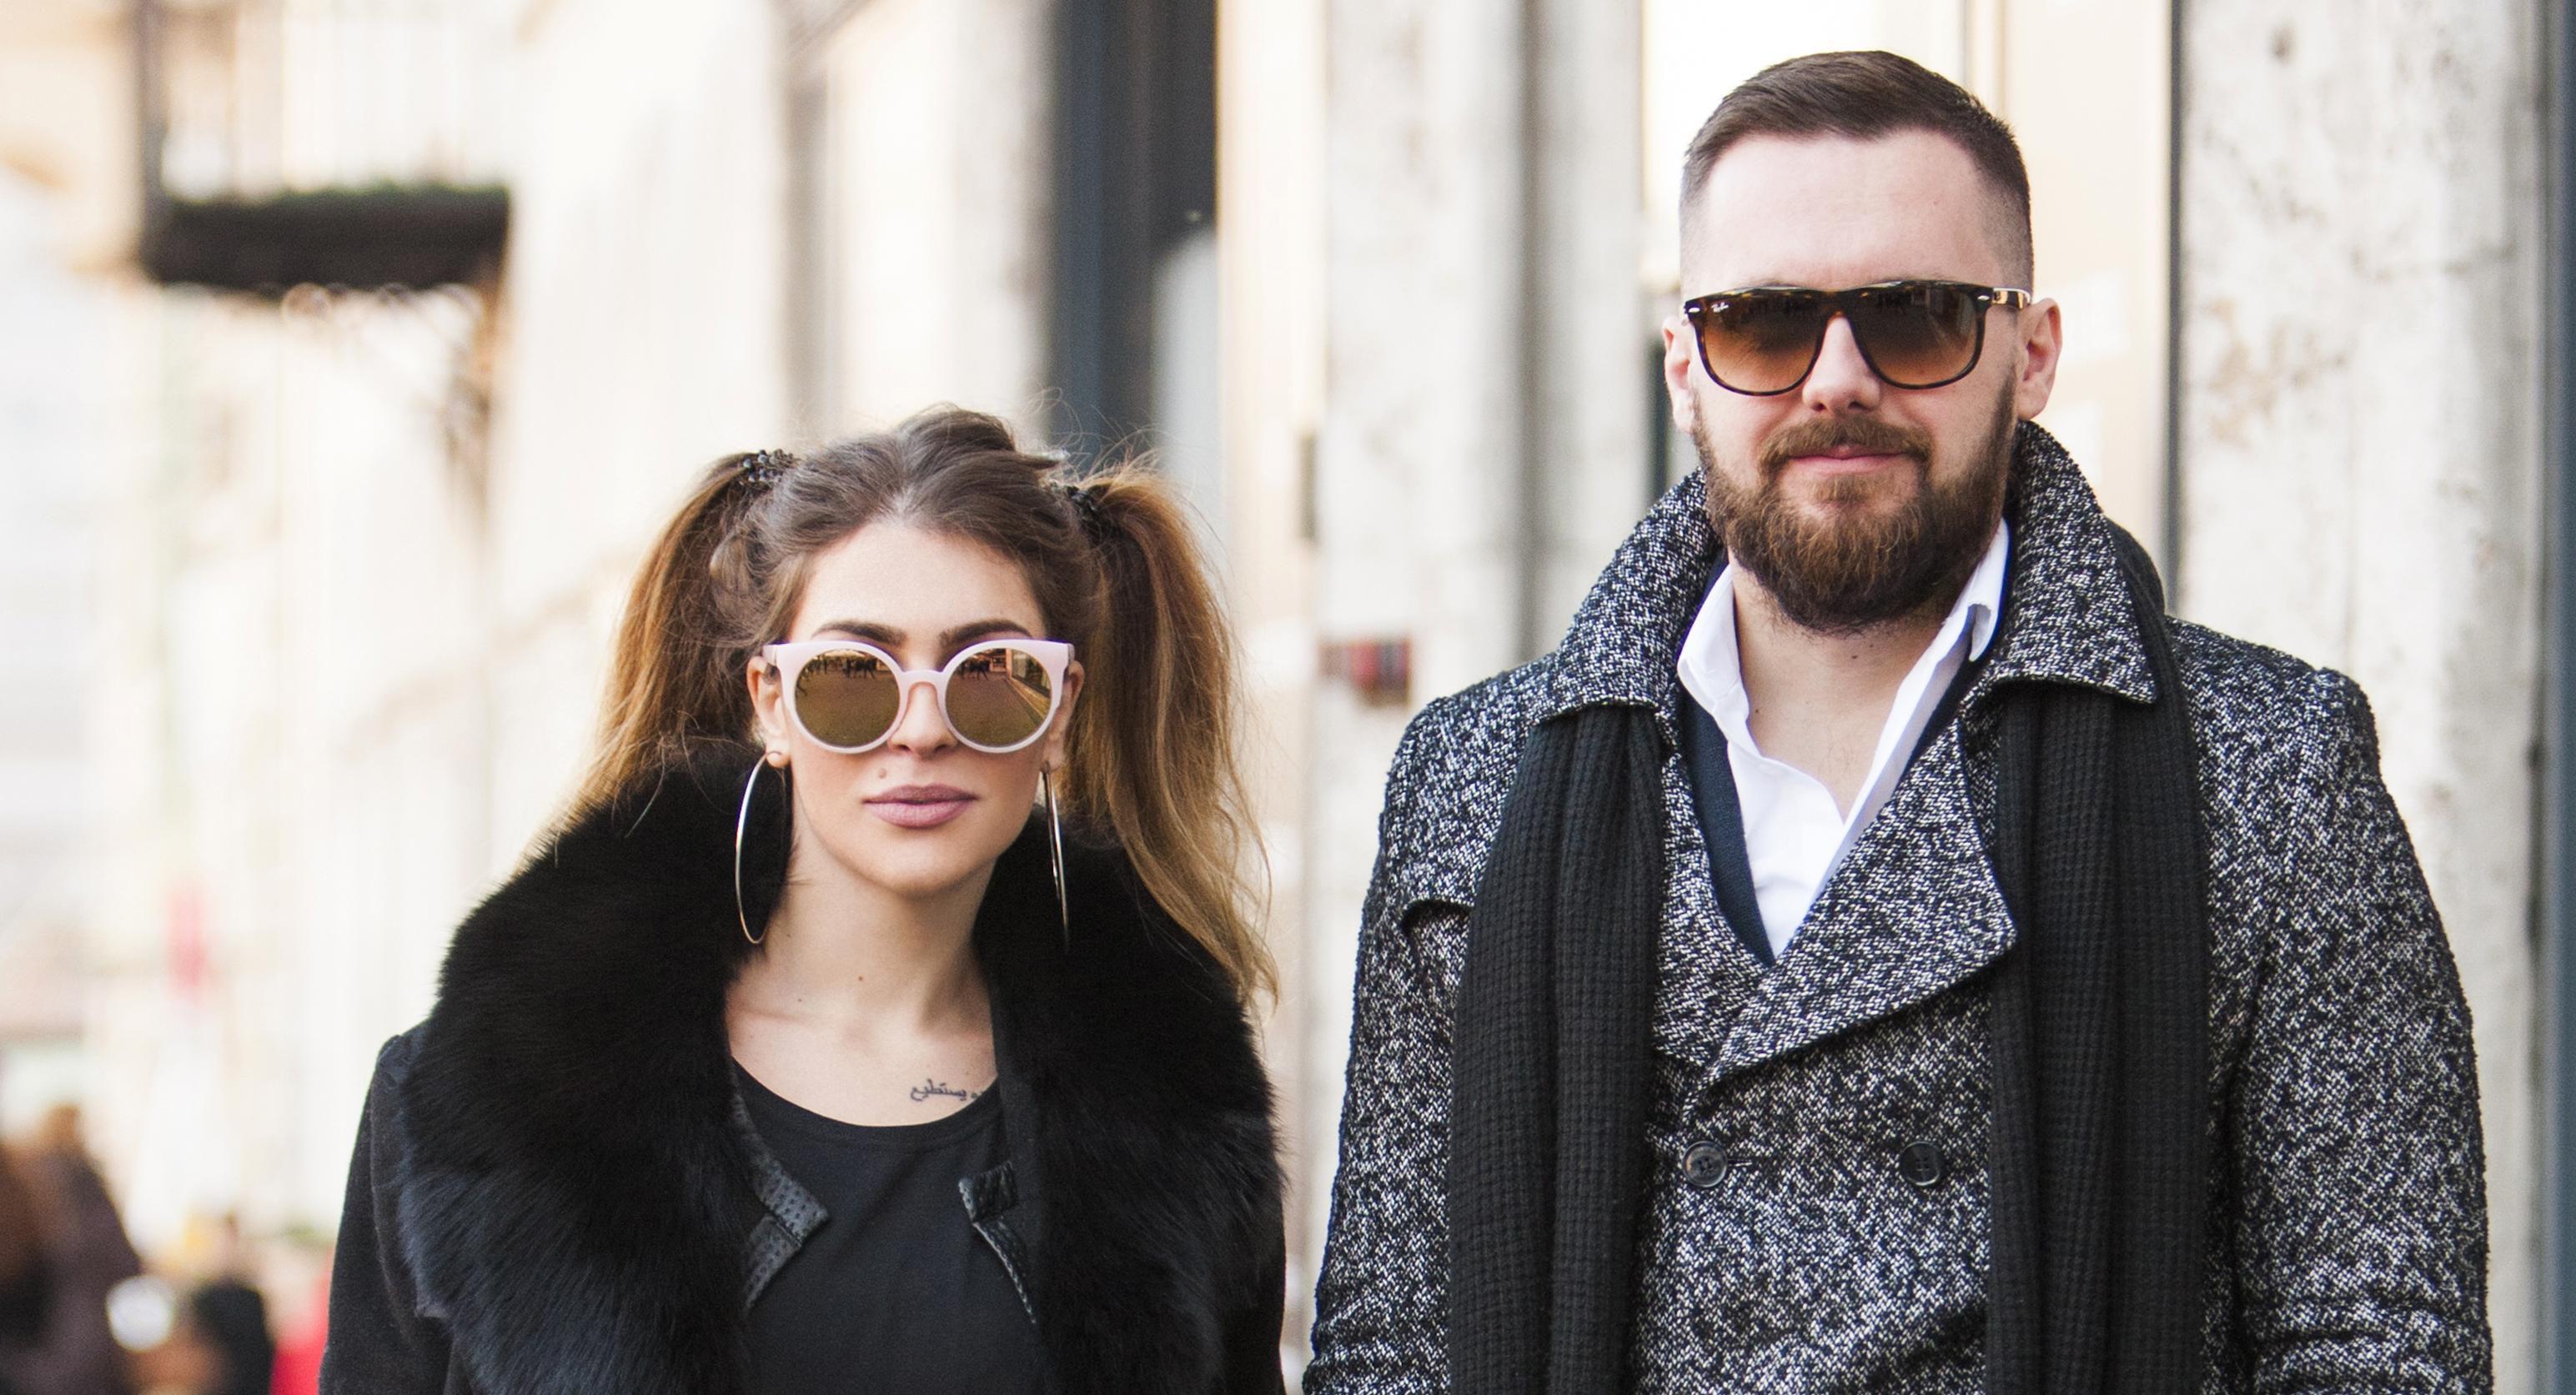 Stvarno jako dugo nismo vidjeli ovako cool par, a mislit ćete isto kad vidite njezine neobične čizme!